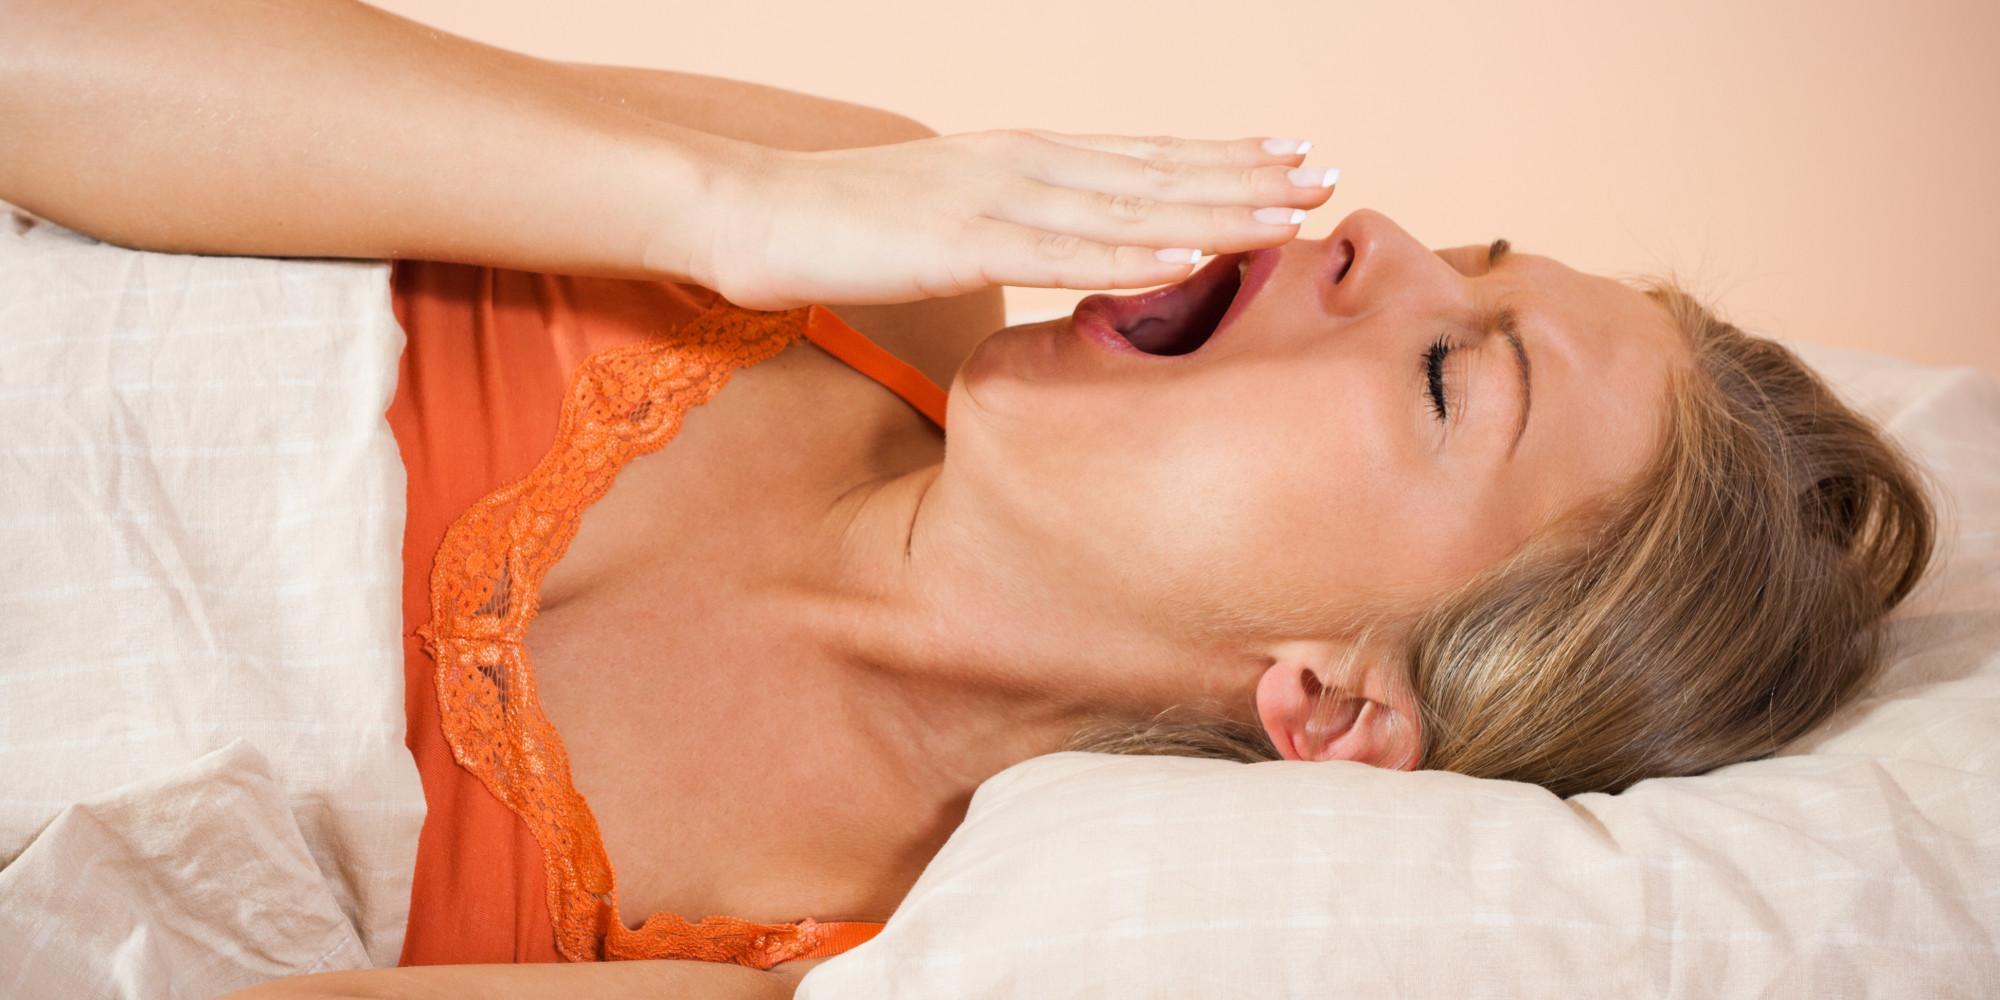 Acreditar que teve uma boa noite de sono pode fazer bem